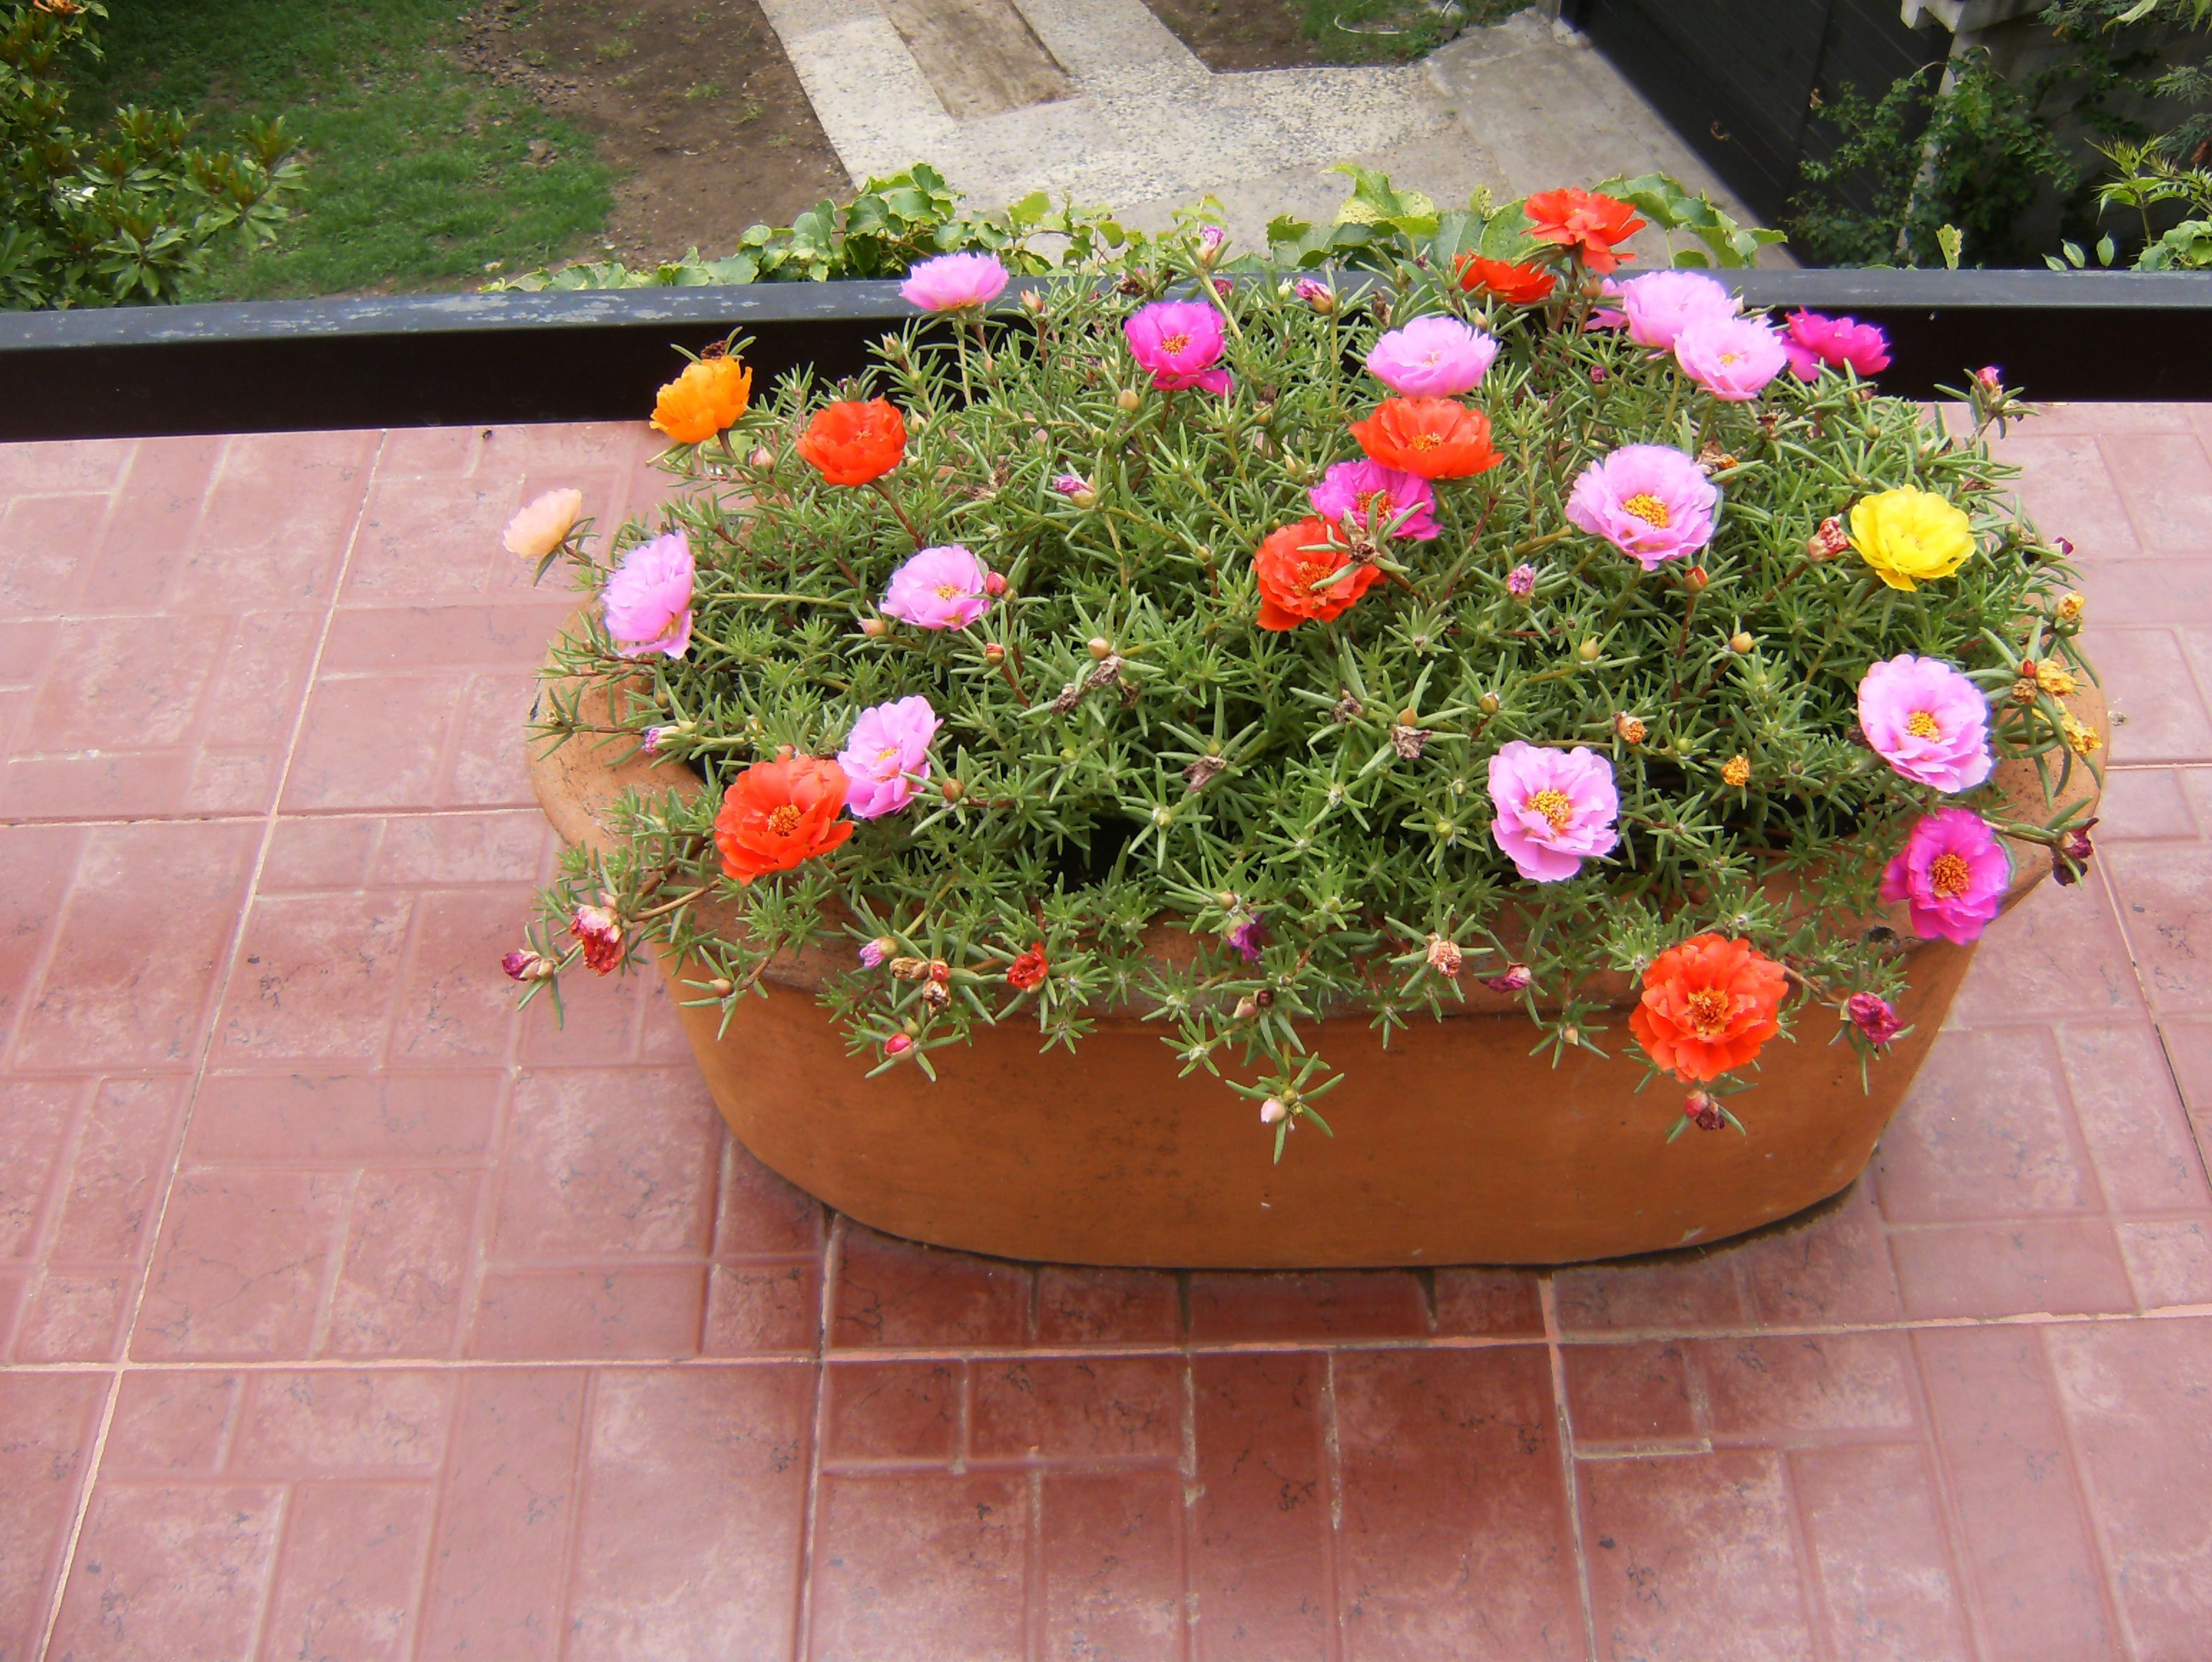 Portulacas plantas de sol pleno jardiner a pinterest - Plantas para jardineras al sol ...